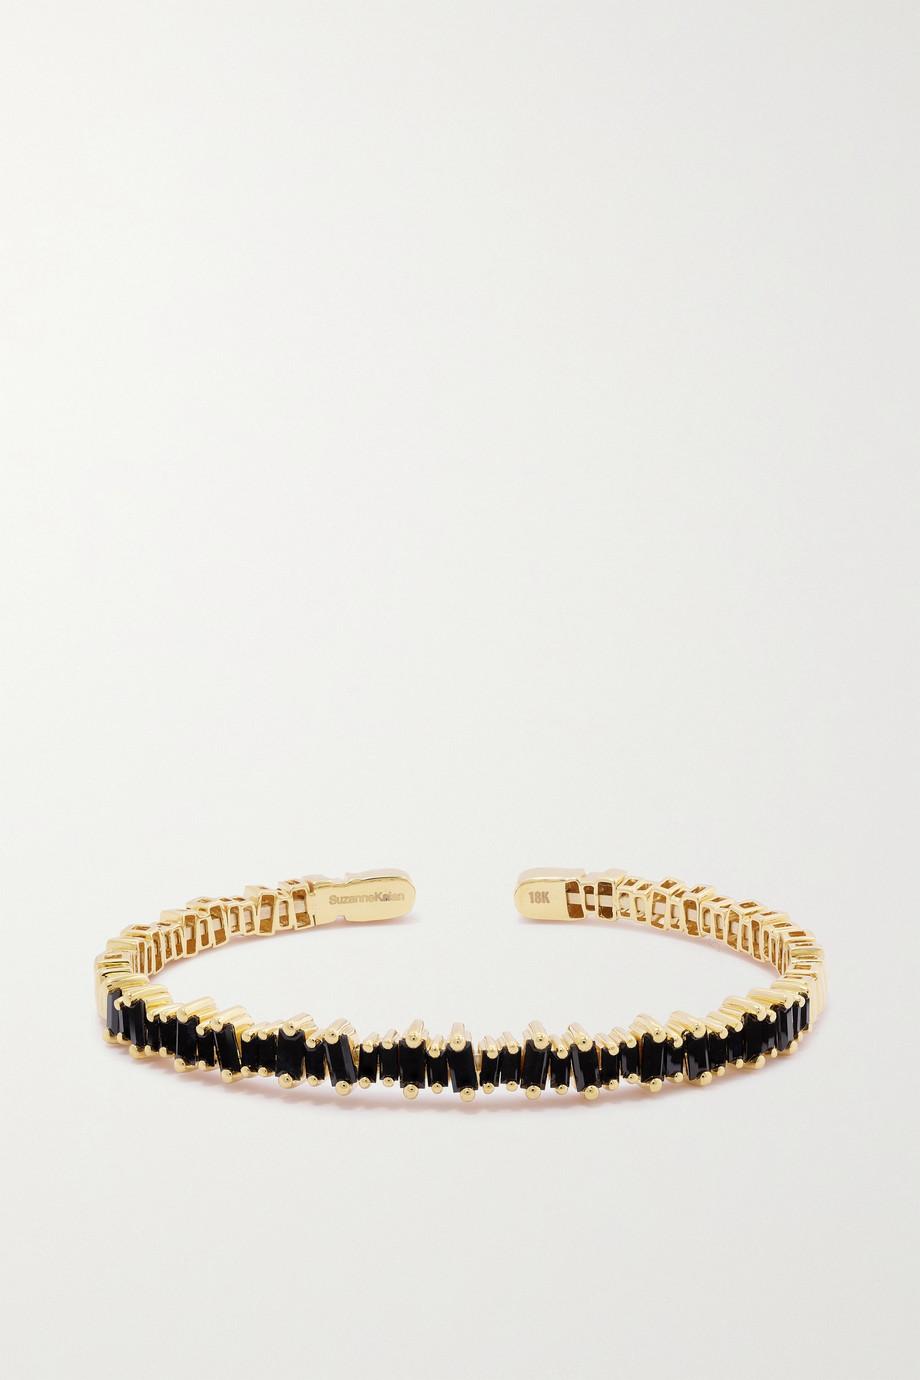 Suzanne Kalan Bracelet en or 18 carats (750/1000) et saphirs